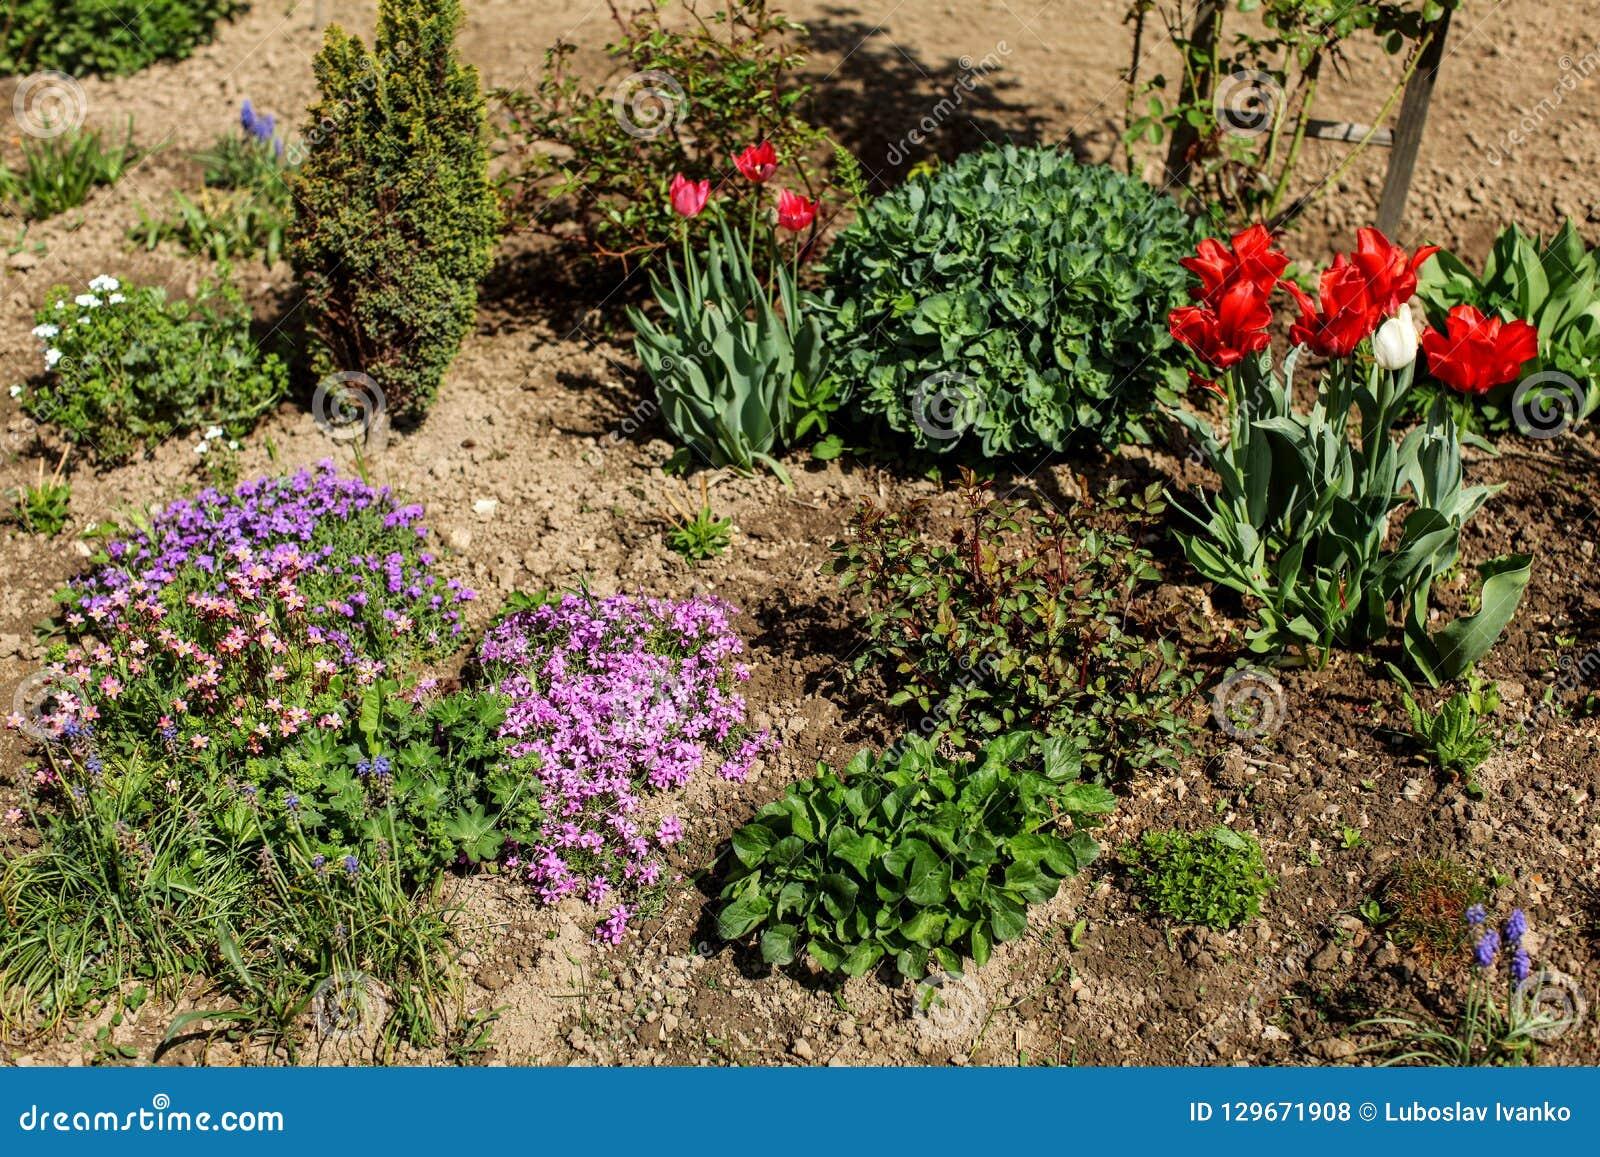 Struiken Met Bloemen Voor In De Tuin.Diverse Bloemen En Struiken Die In Zon Aangestoken Tuin